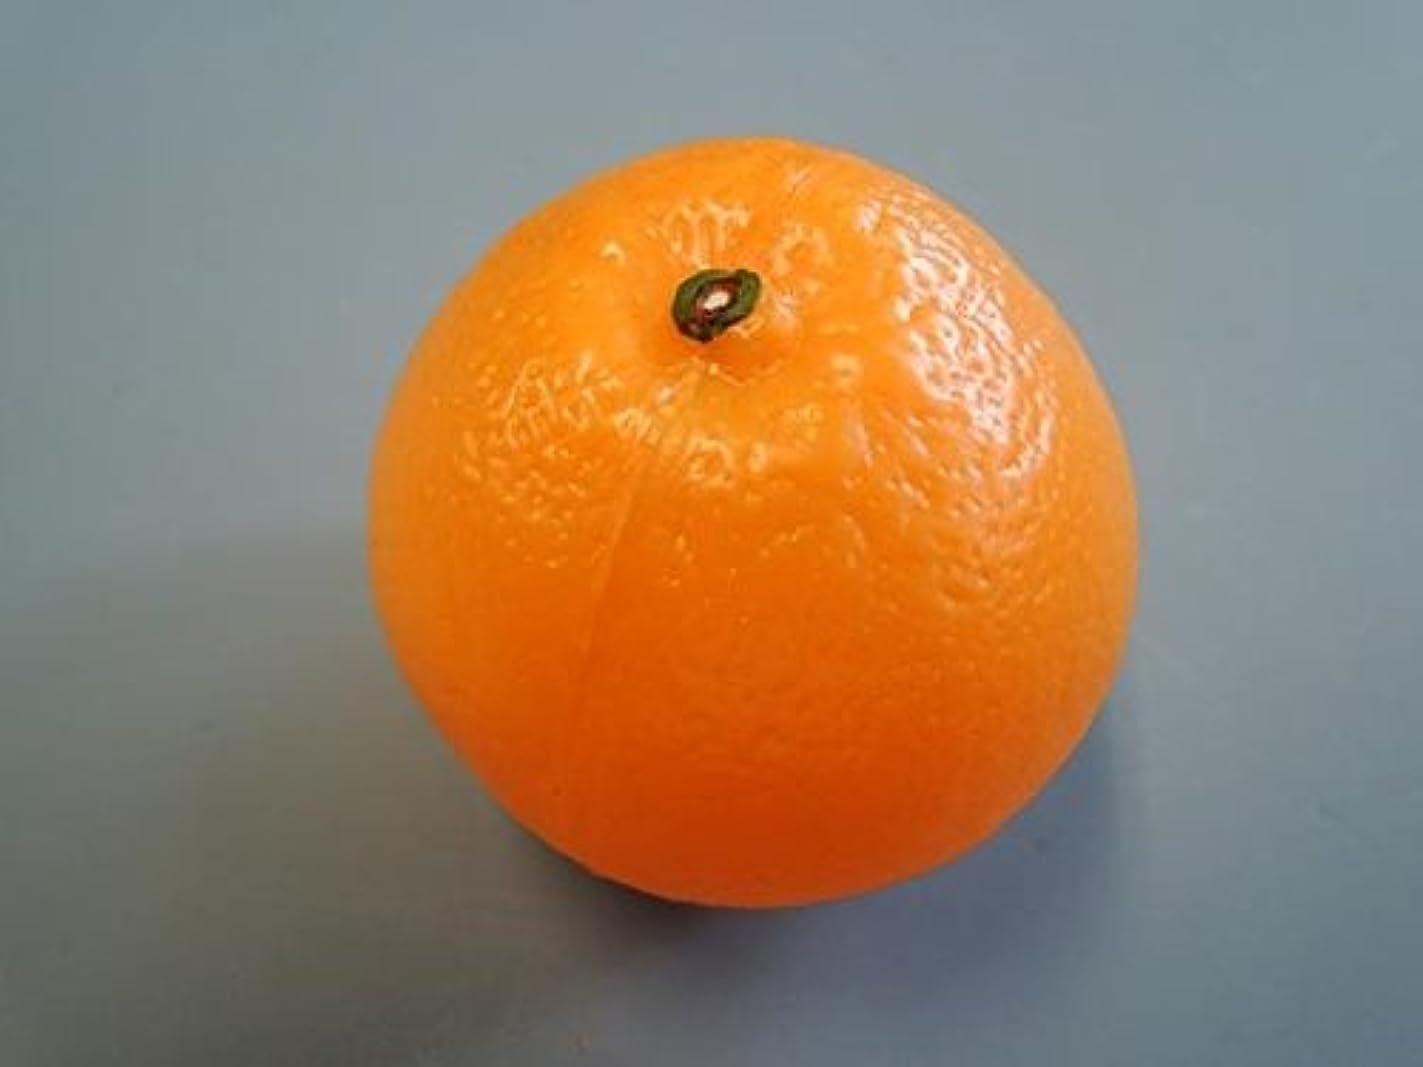 周り安定ルーチン日本職人が作る 食品サンプル オレンジ IP-350